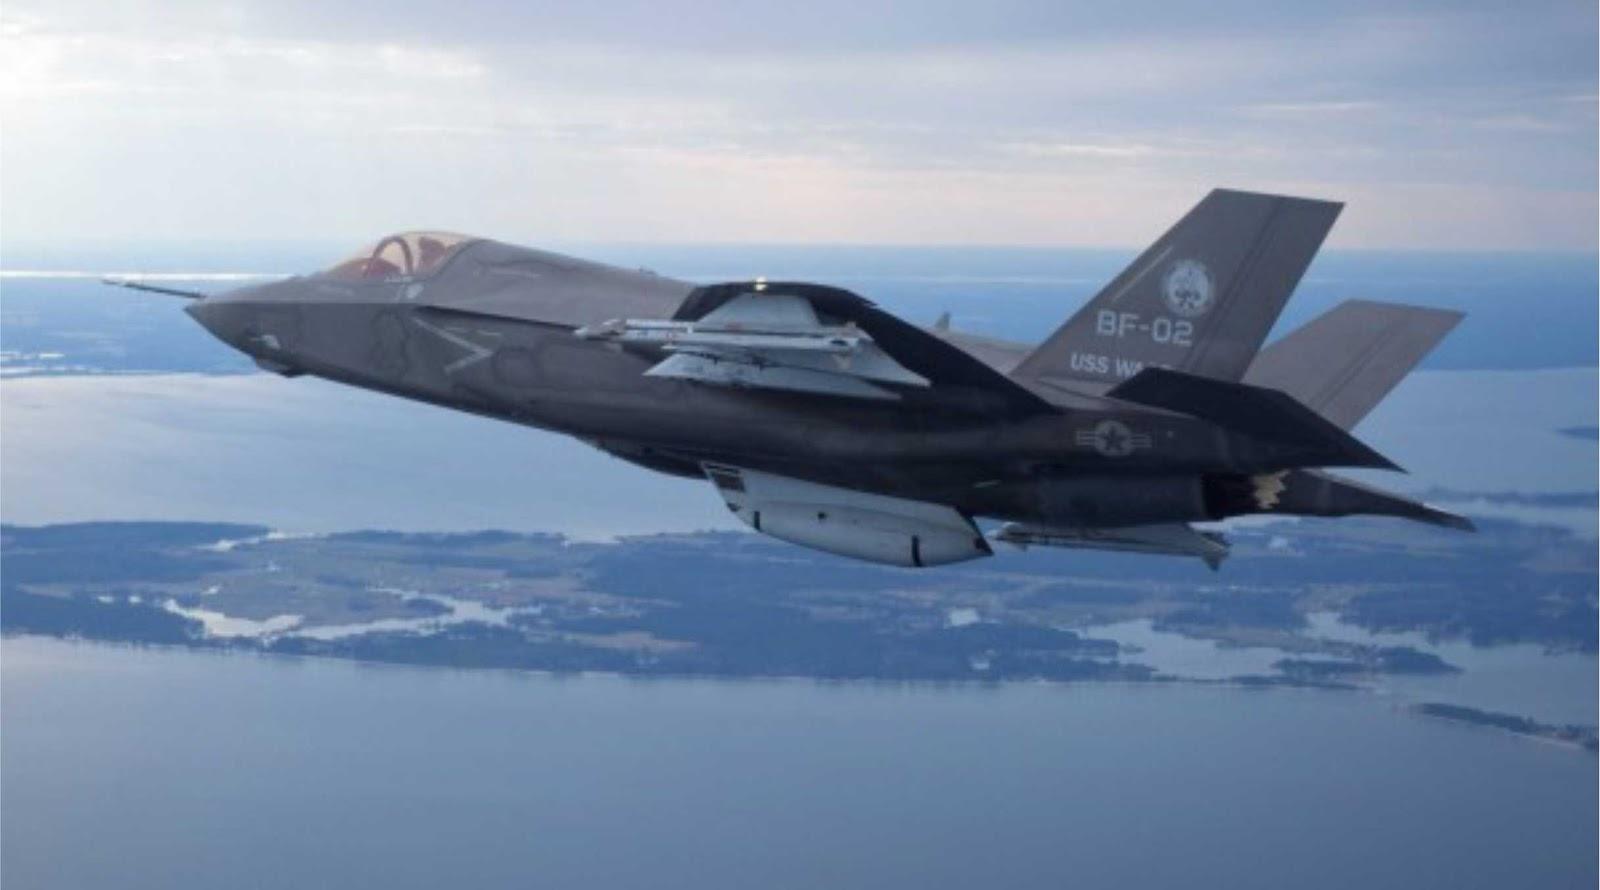 Belgia membeli jet F-35 AS bertentangan dengan kepentingan Eropa